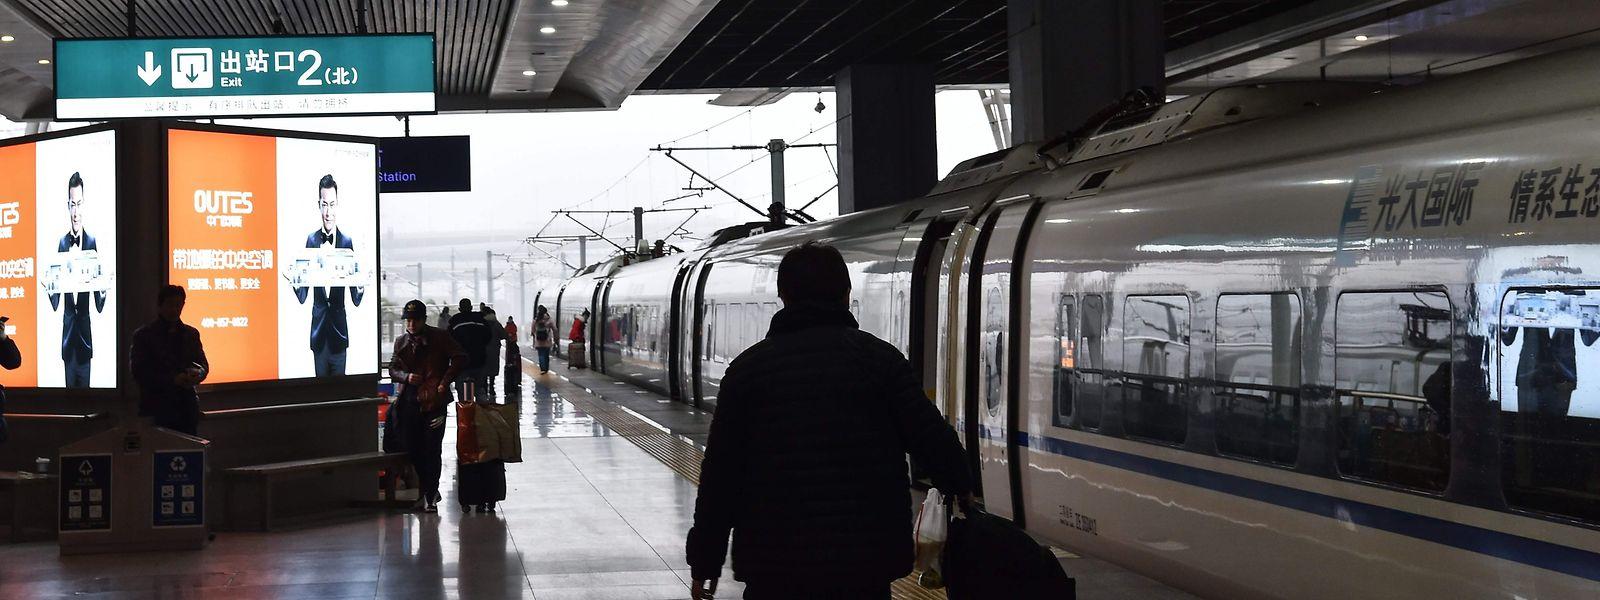 Depuis 3 heures ce matin, plus aucun train ni avion n'a quitté la ville de Wuhan, située en plein centre de la Chine.